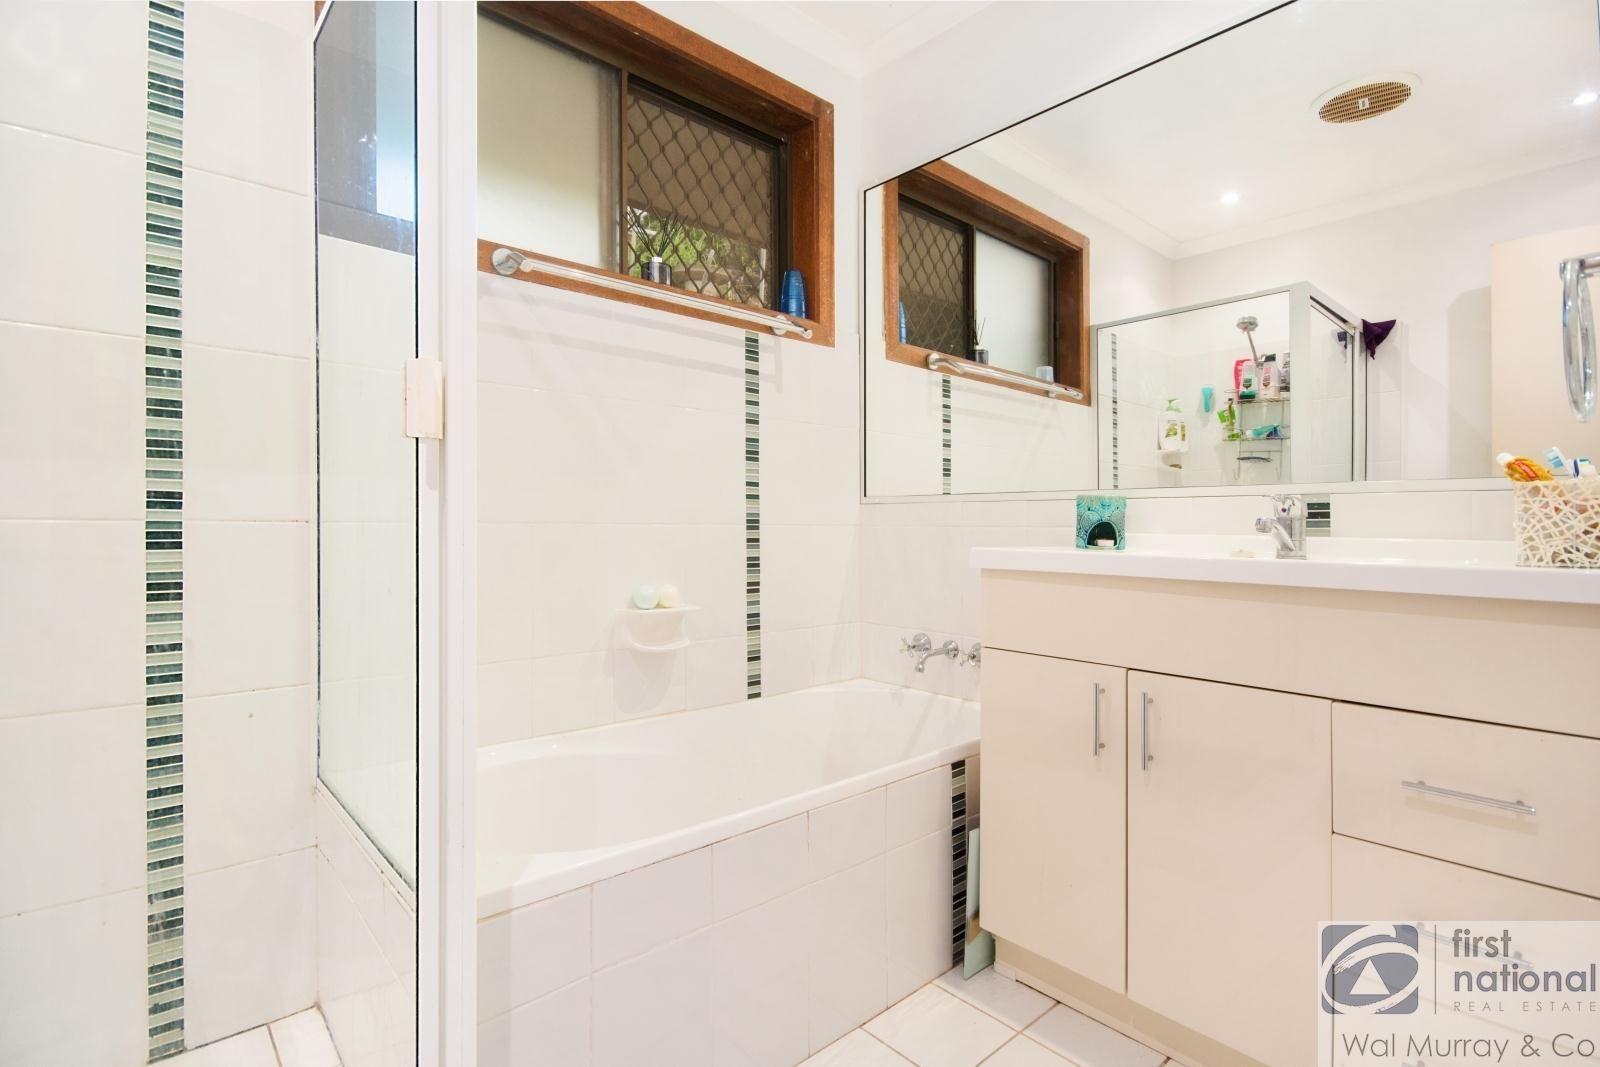 13/29 Carolina Street, Lismore NSW 2480, Image 2